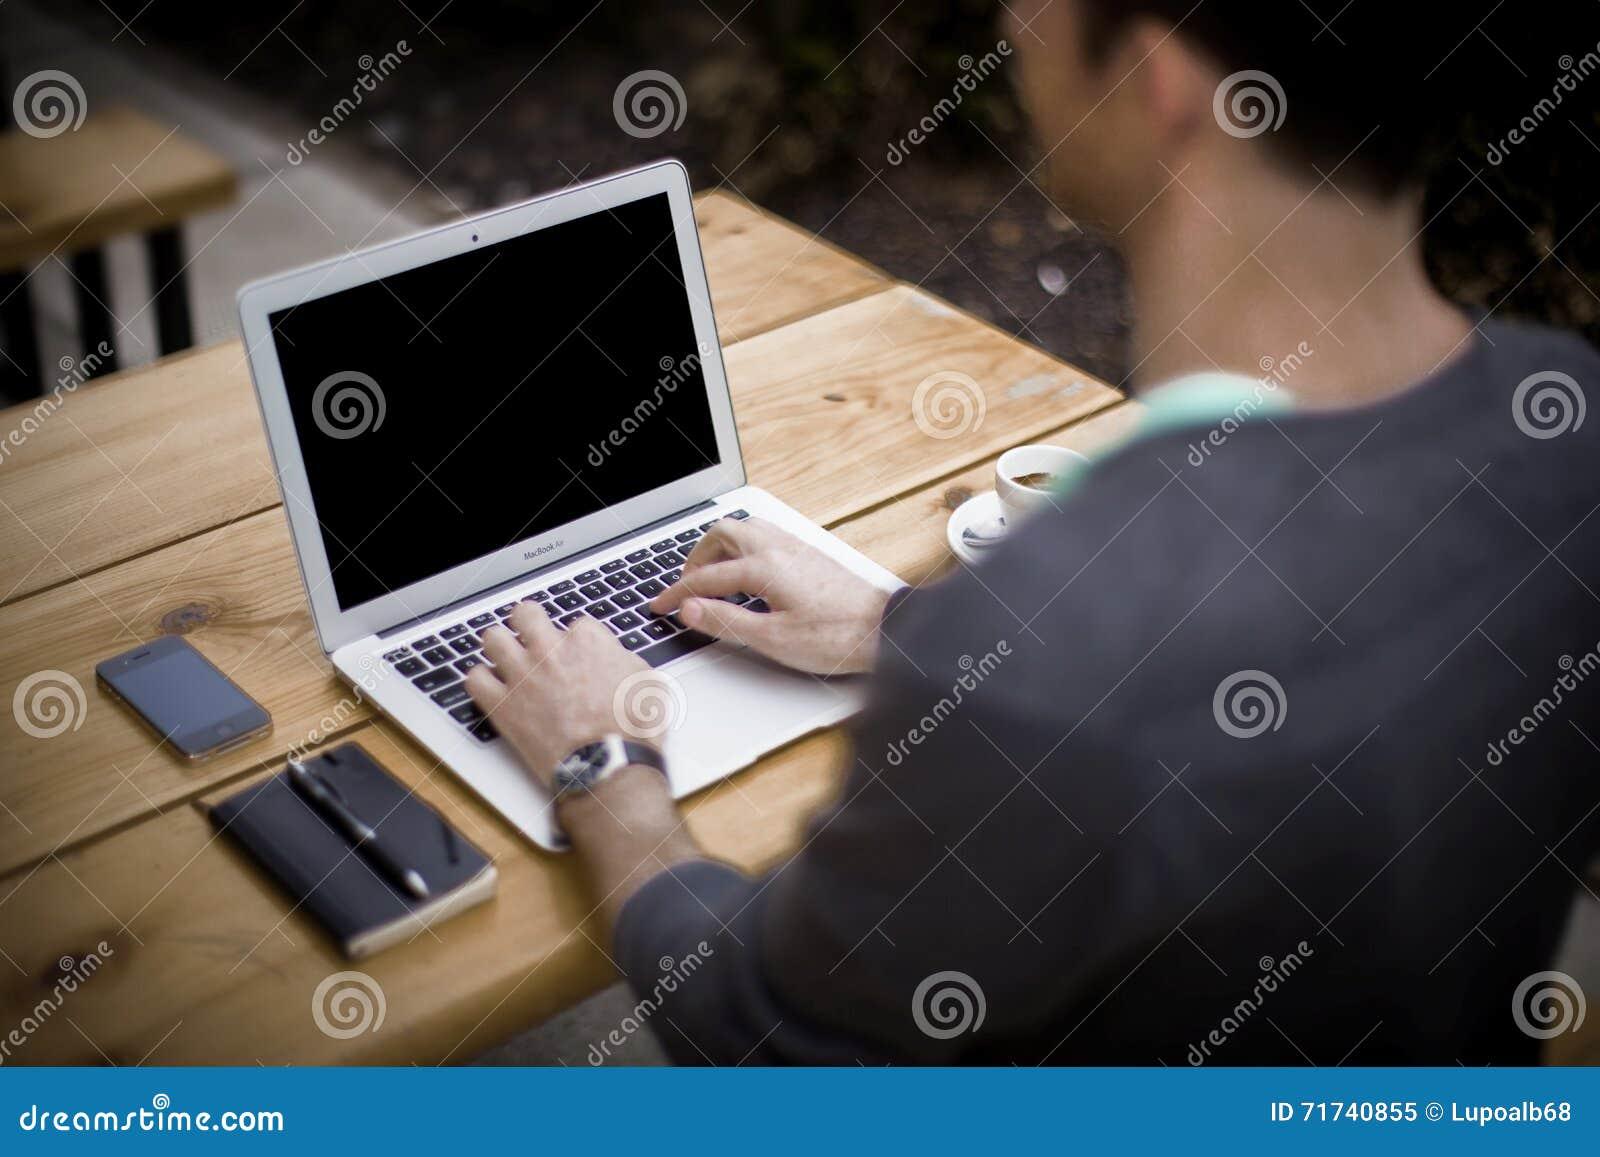 Uomo sul lavoro: Computer portatile del computer portatile e telefono, Ministero degli Interni